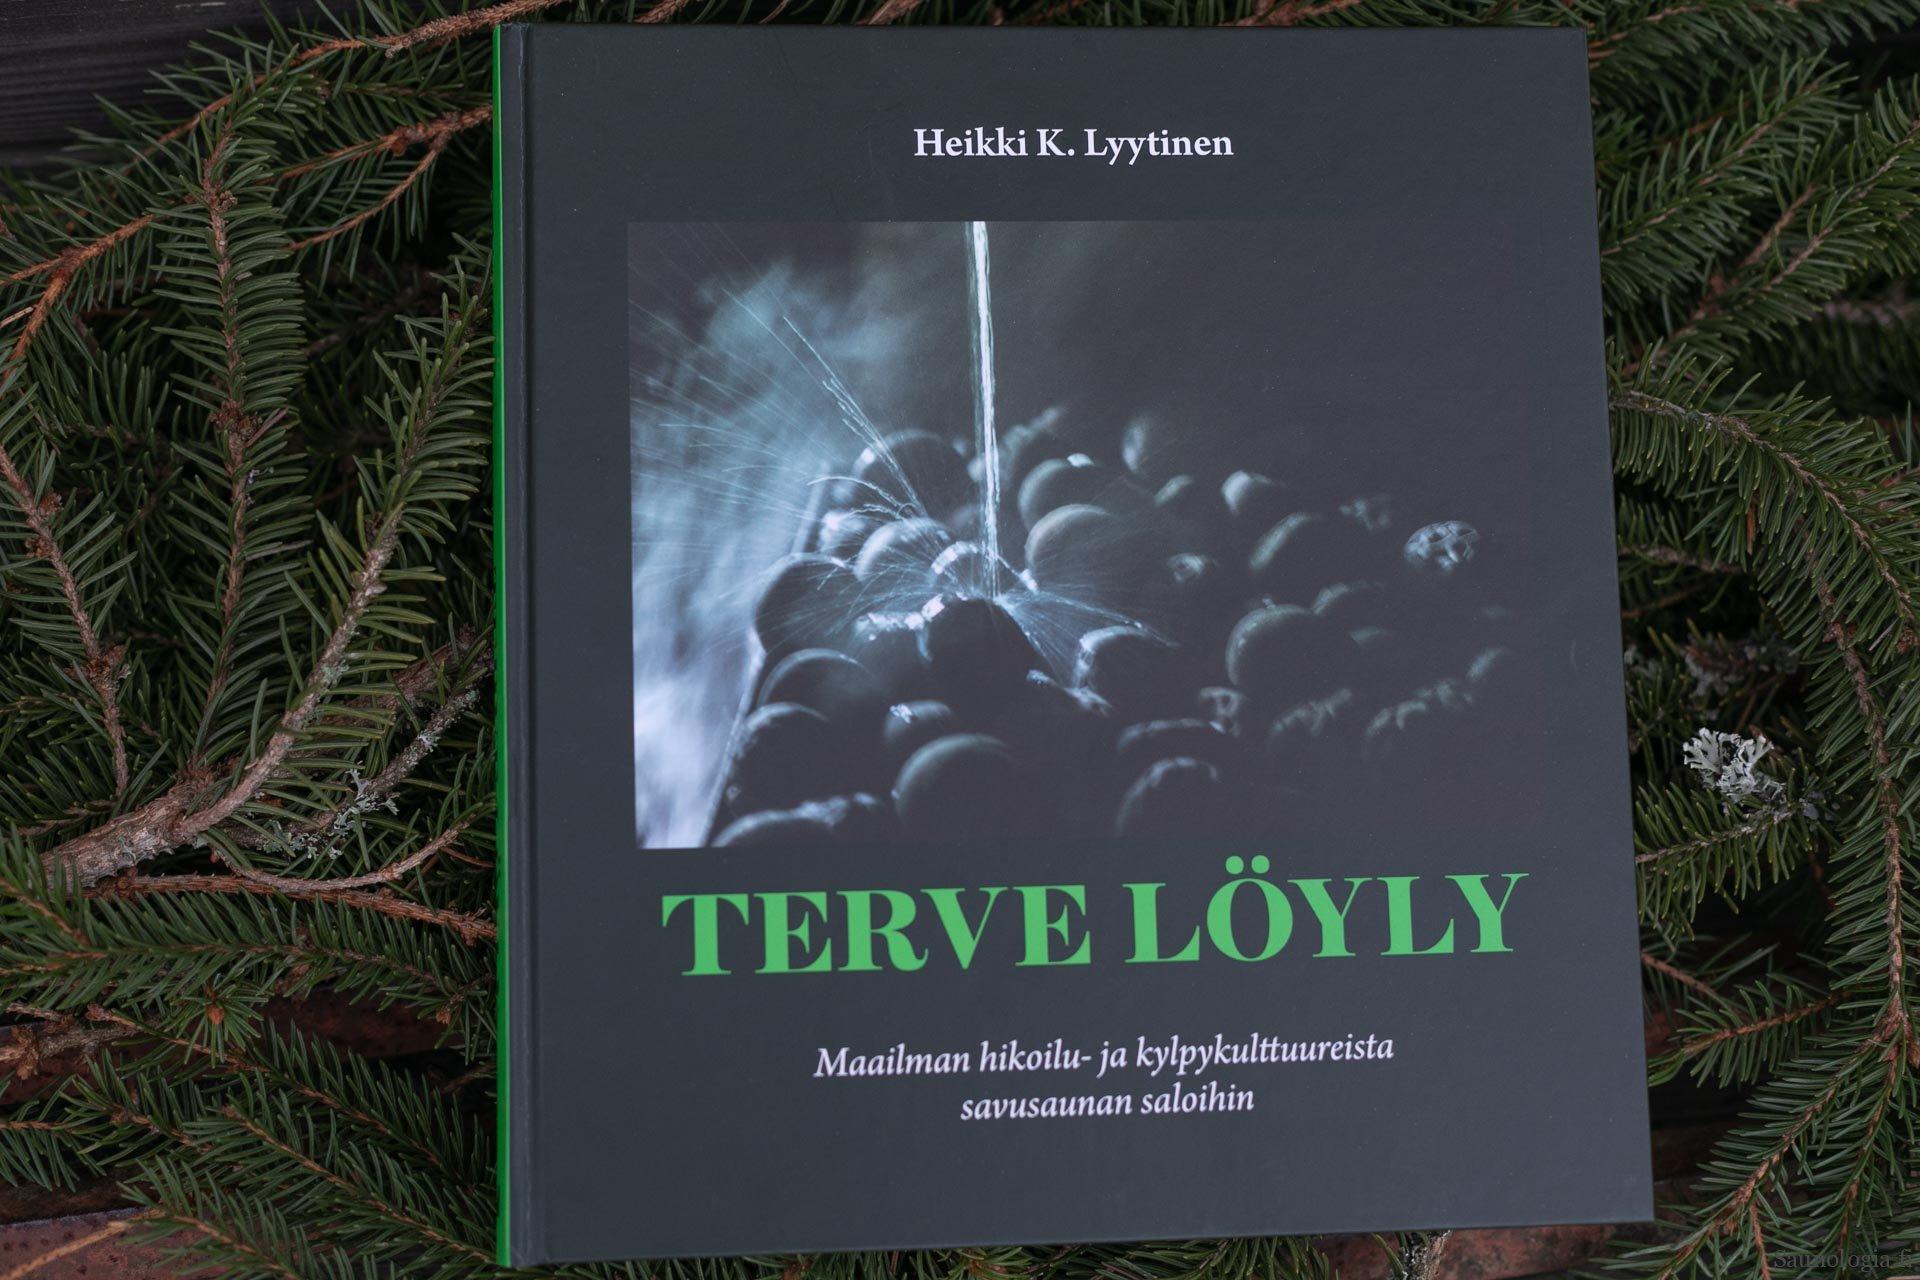 Kirjauutuus: Terve Löyly Heikki Lyytinen